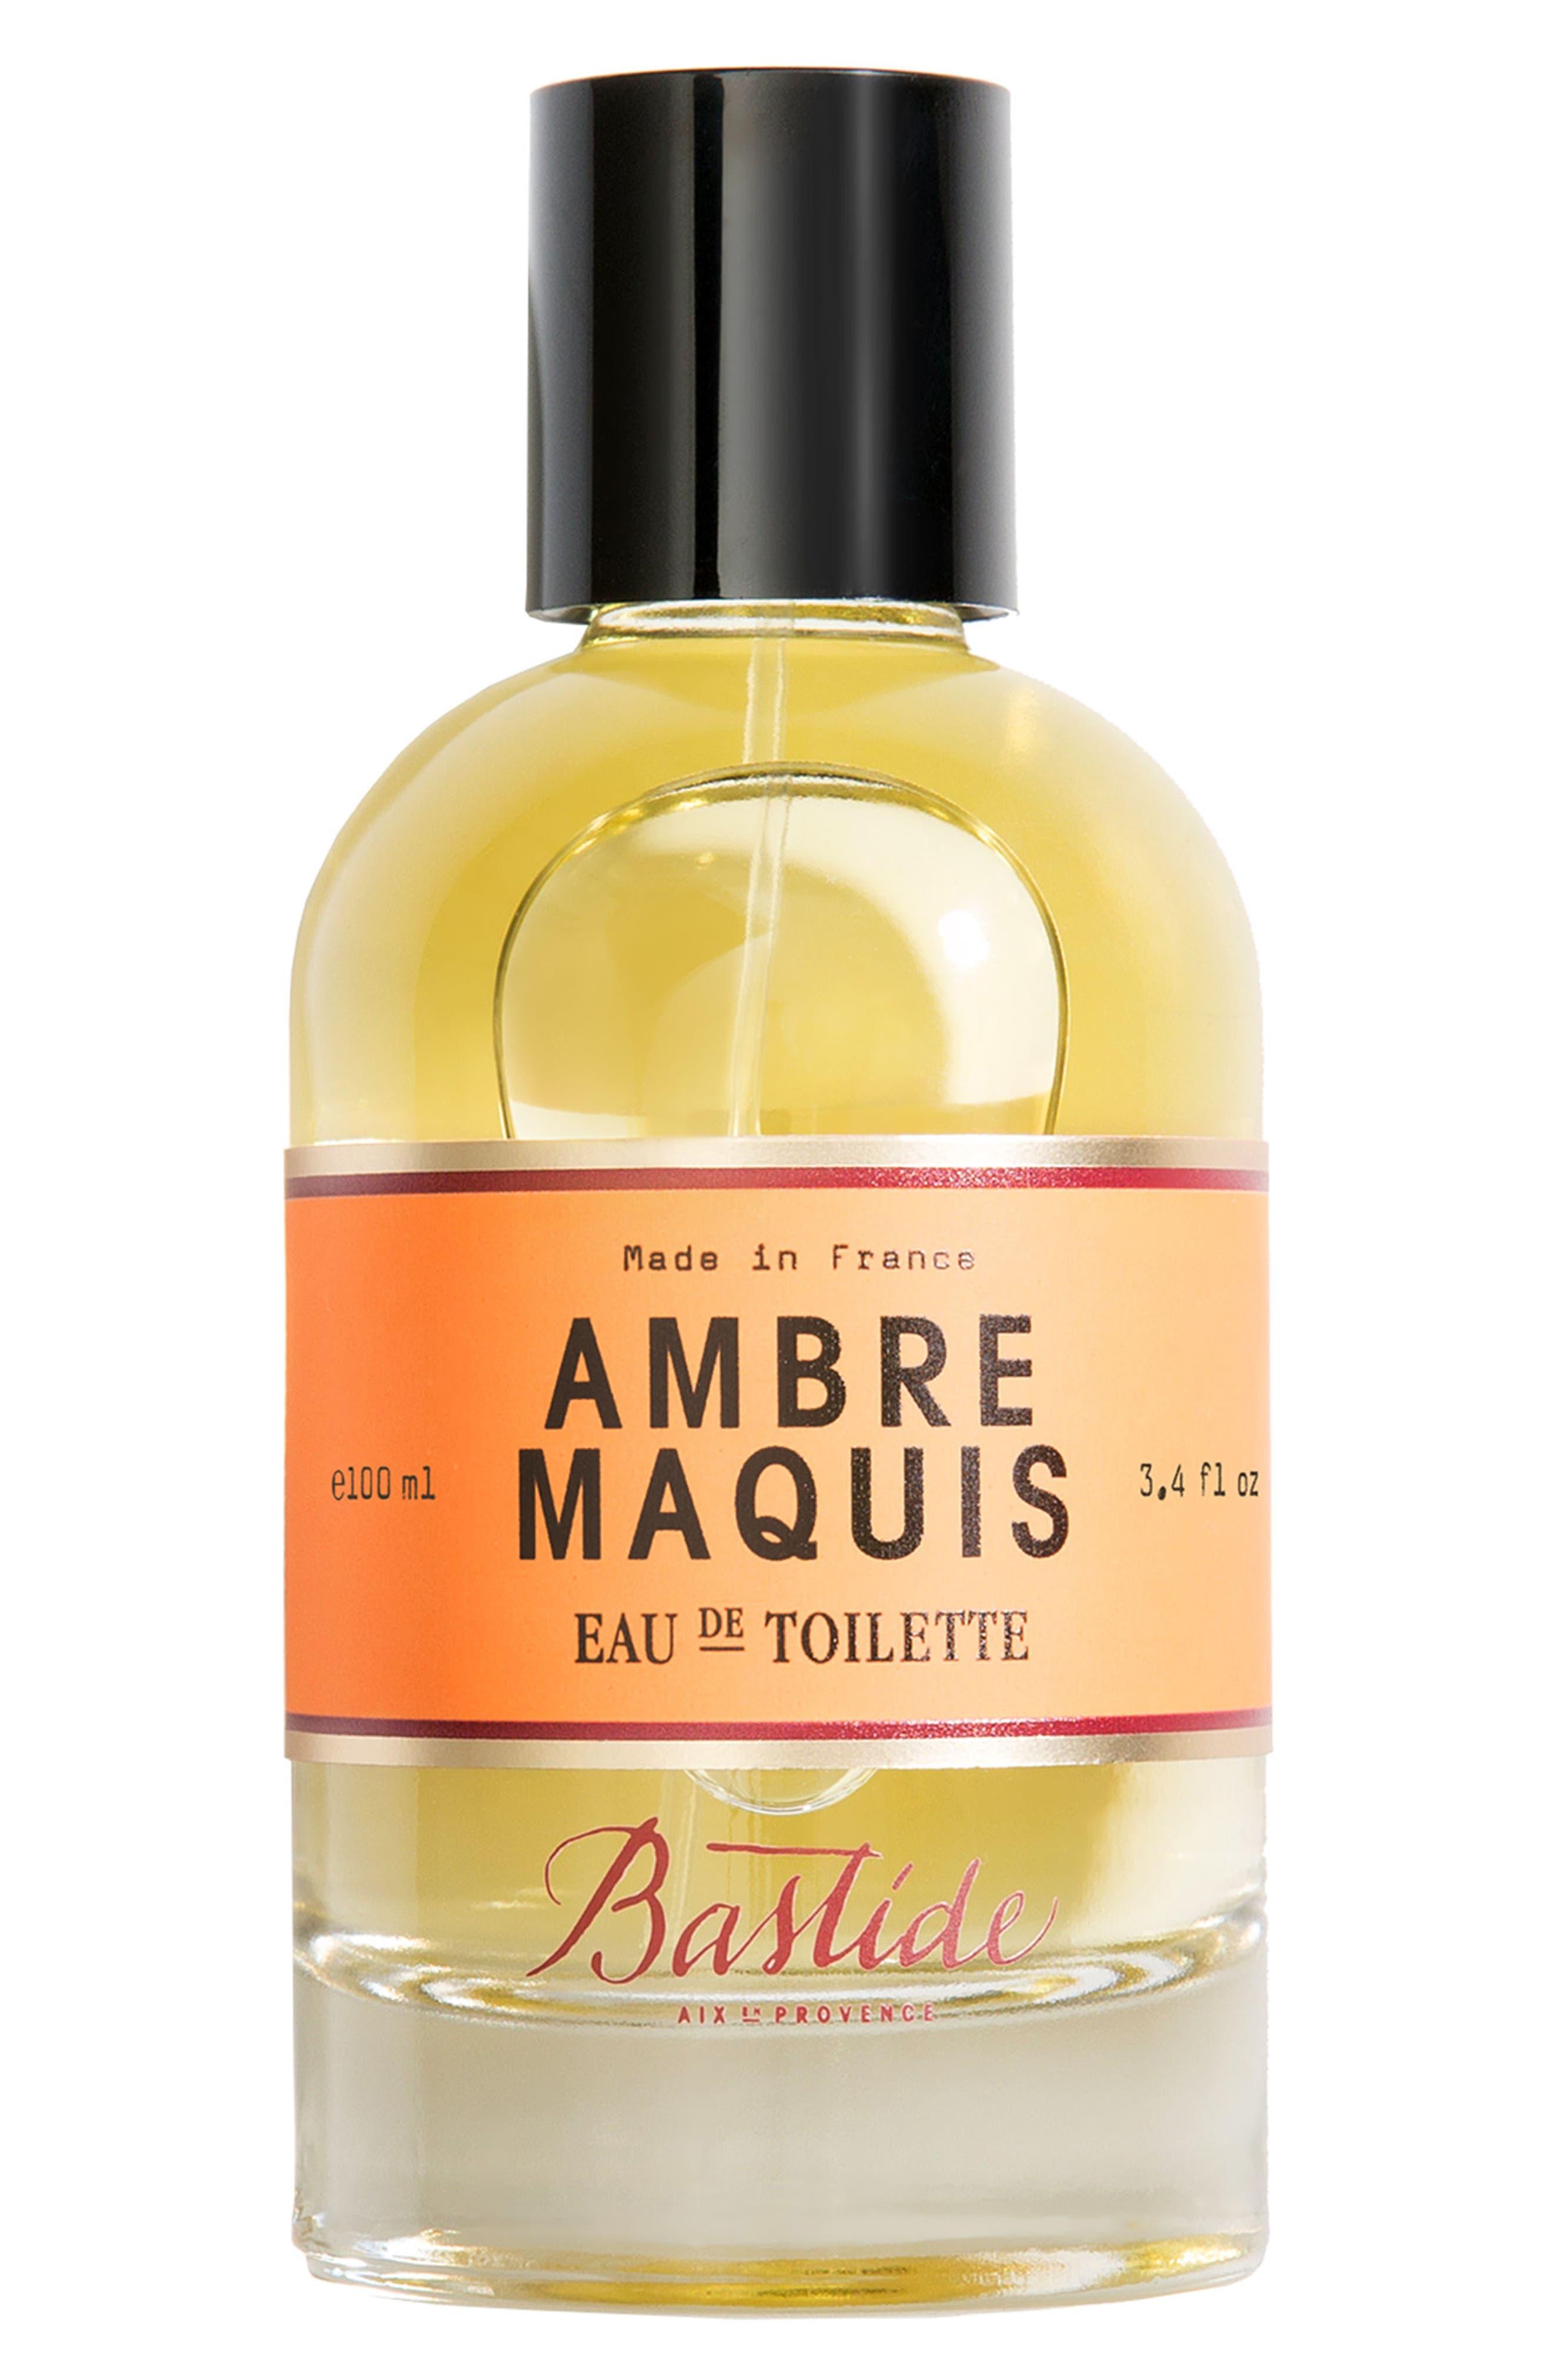 Alternate Image 1 Selected - Bastide Ambre Maquis Eau de Toilette